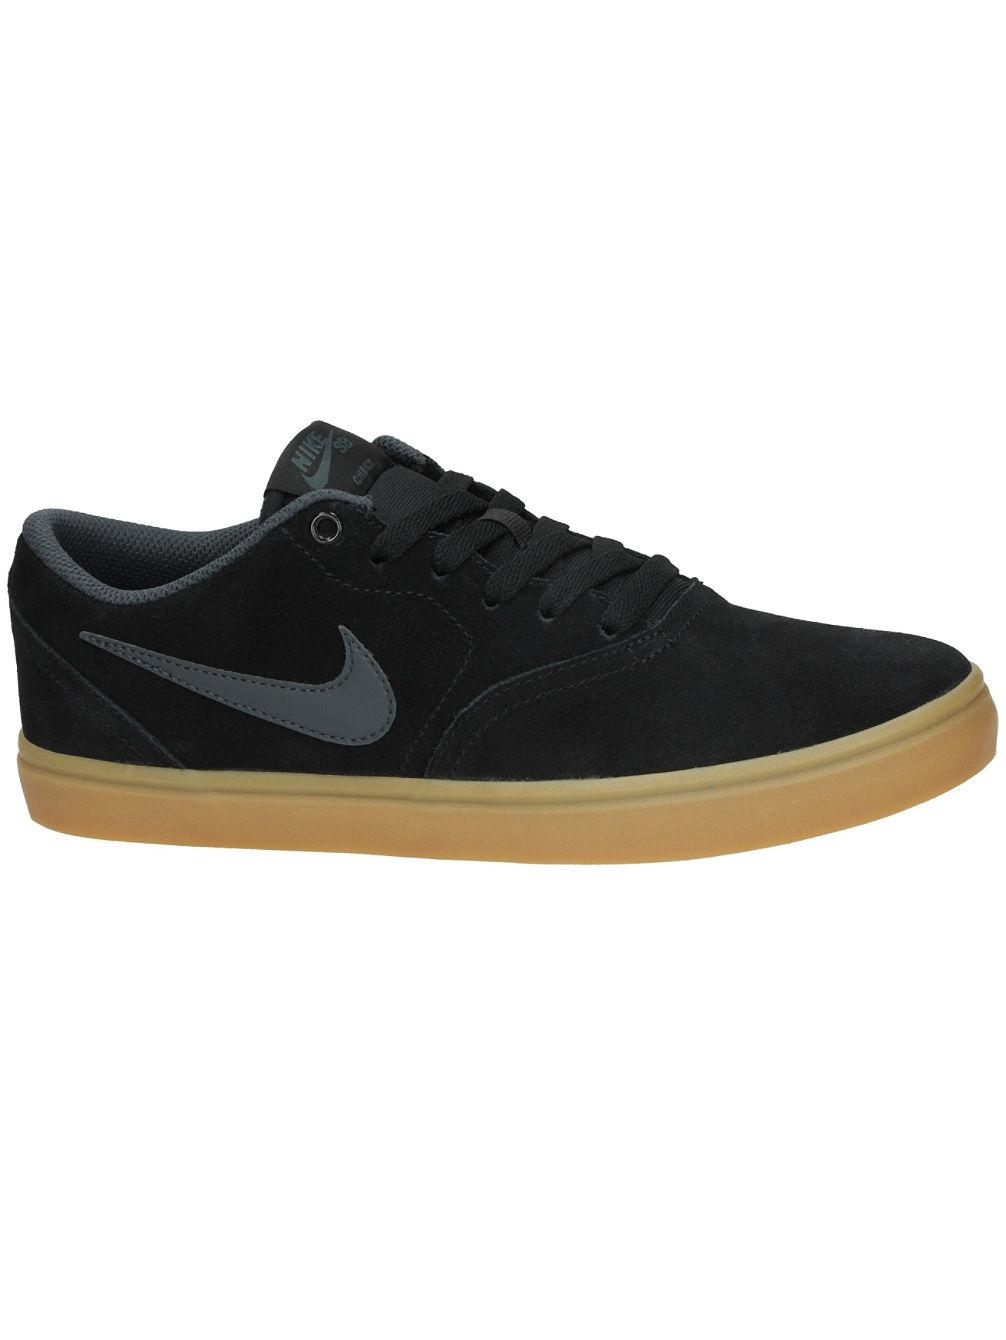 buy nike sb check solarsoft skate shoes online at blue. Black Bedroom Furniture Sets. Home Design Ideas